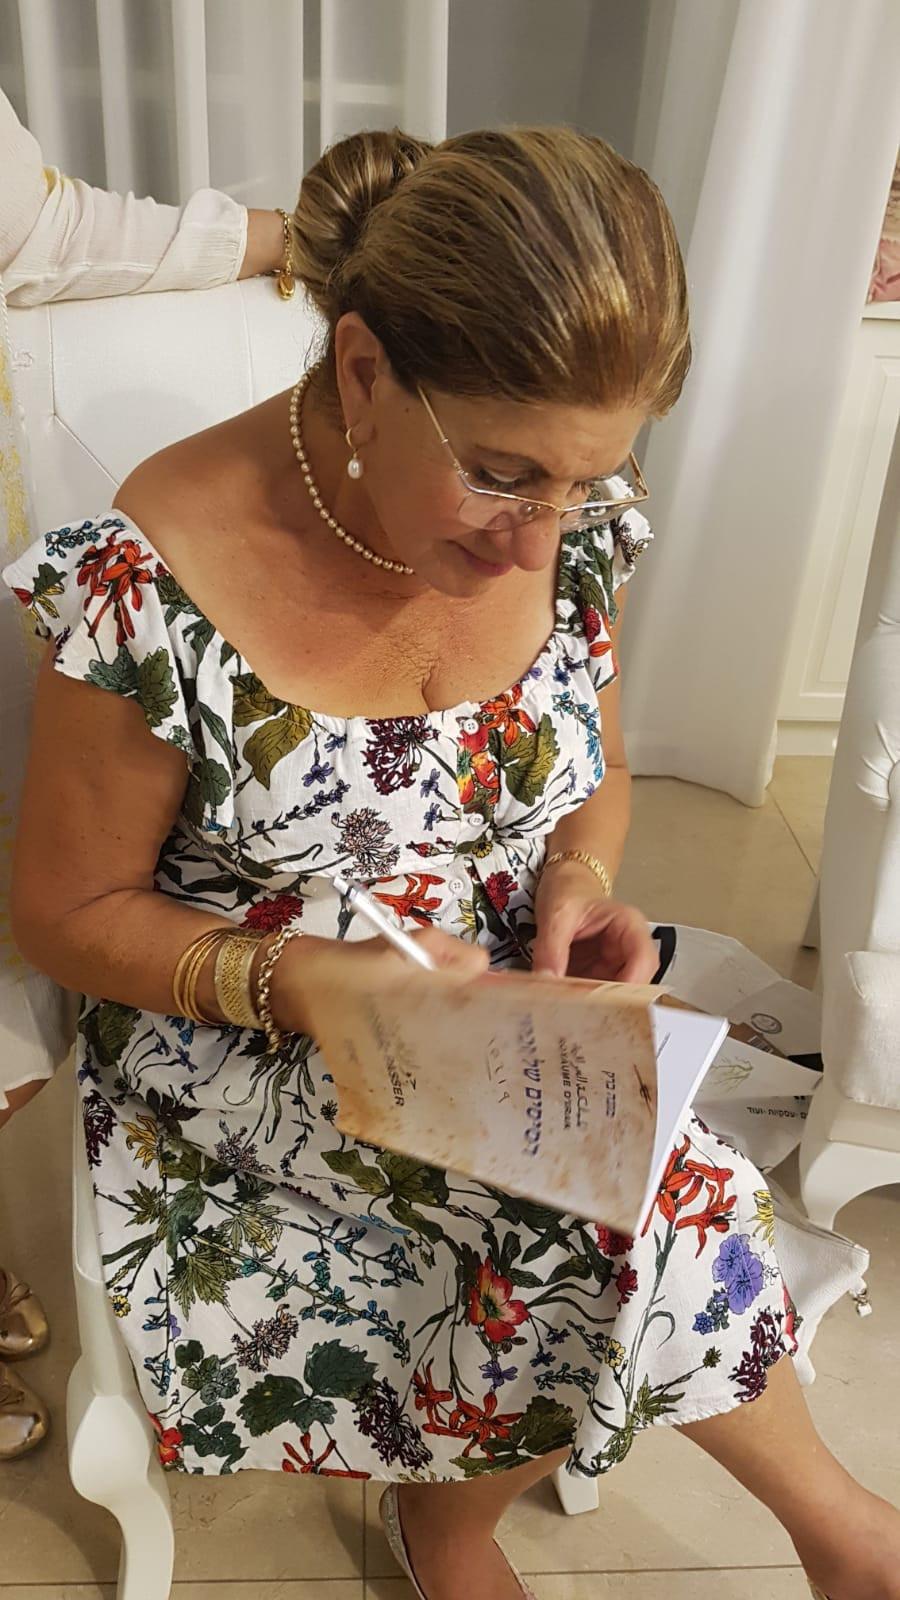 מונה ברק חותמת על ספר השירה שלה רסיסים